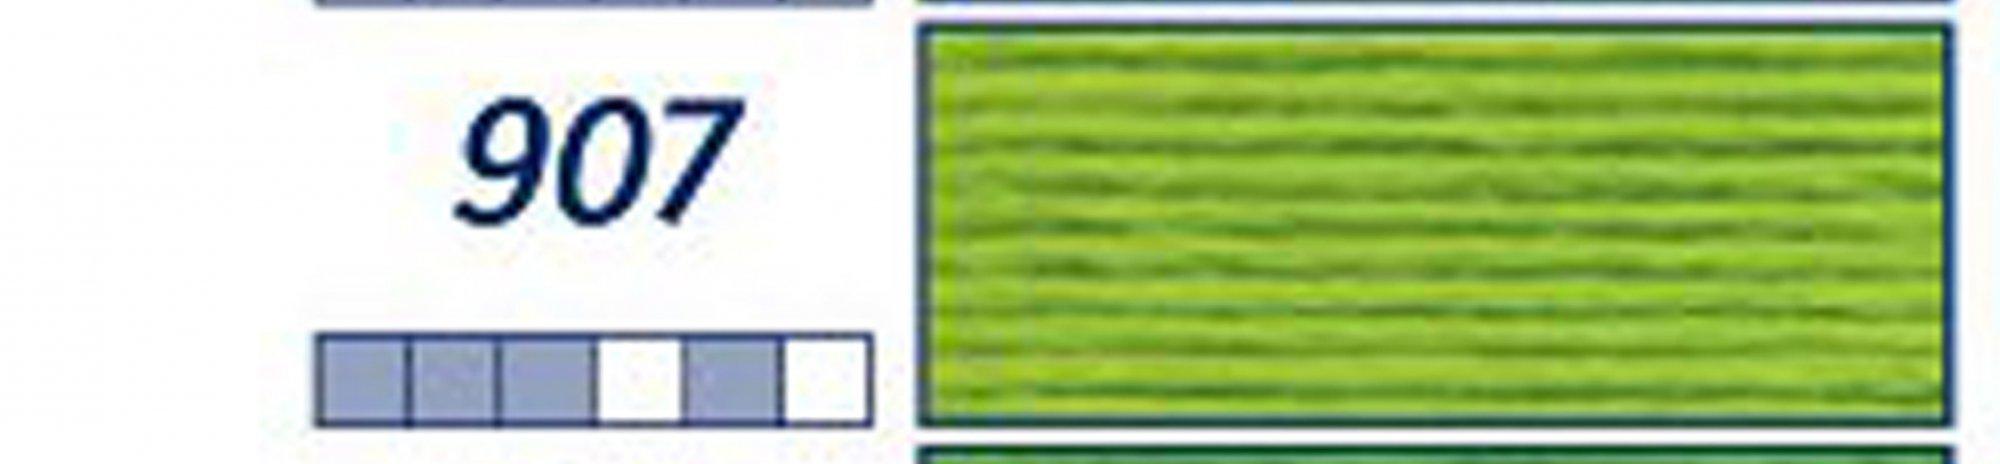 DP3-907-LT PARROT GREEN